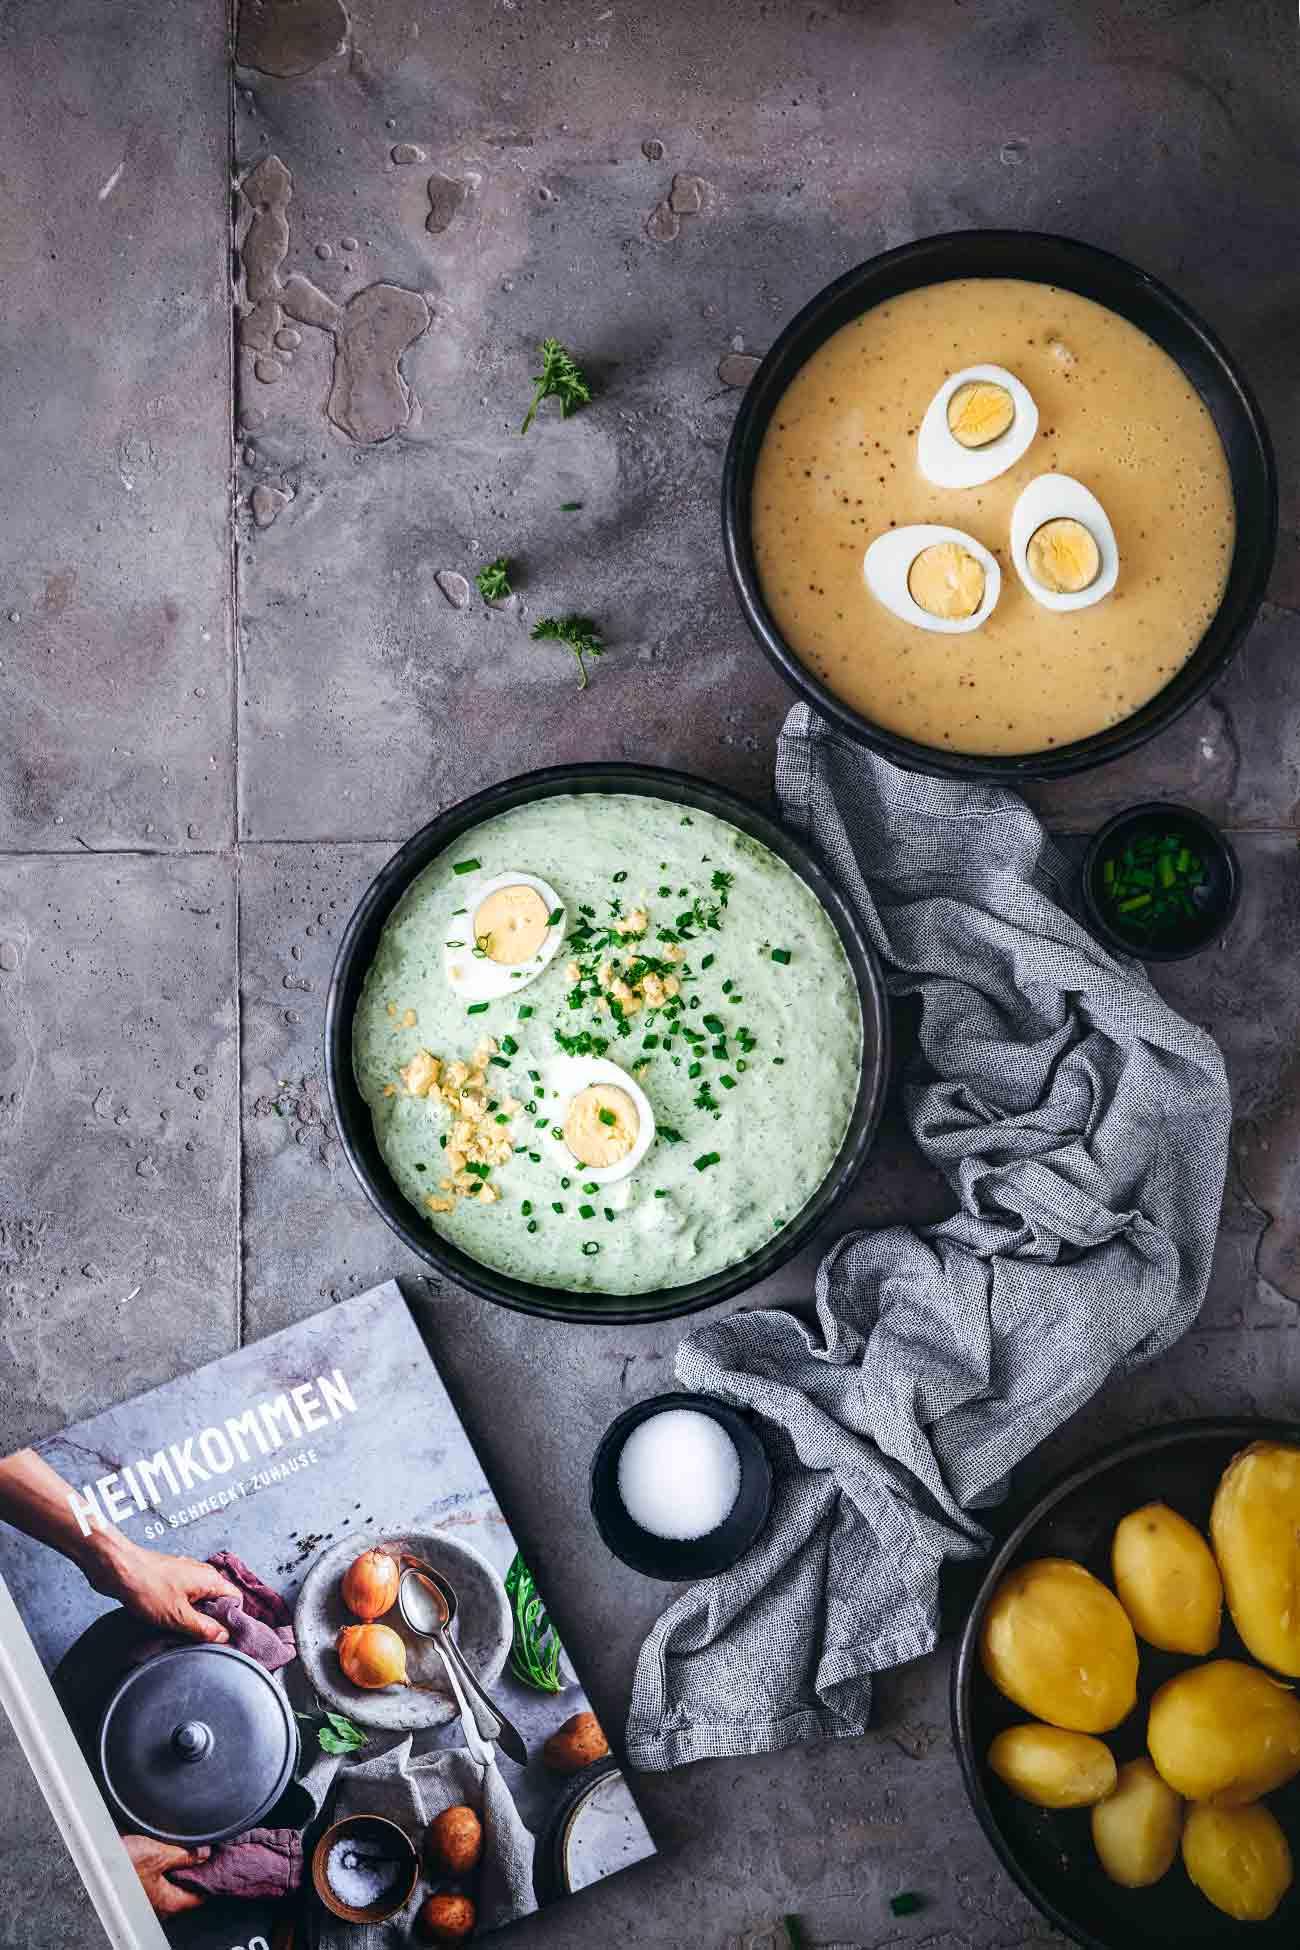 """Was bedeutet """"Heimkommen"""" für Dich? Ich liebe dieses Wort und beschäftige mich schon lange mit der Bedeutung, dem Gefühl. Heimkommen ist für mich eines der schönsten Gefühle, die es gibt, denn es ist für eng verknüpft mit """"Geborgenheit"""", """"Sorglosigkeit"""" und hat viel mit """"wohlfühlen"""" zu tun. Beim Durchblättern des neuen Kochbuchs """"Heimkommen – so schmeckt Zuhause"""" von @edeka hatte ich eine Achterbahnfahrt voller Heimkommen-Gefühle, denn so viele Gerichte (und die dazugehörigen Düfte) haben mich an meine Kindheit erinnert, an meine Mama, aber auch an einige Menschen, die ich tief in mein Herzen geschlossen habe. Ich habe mich für ein einfaches, aber wirklich tolles Rezept entschieden, welches gleich zwei Erinnerungen in mir freisetzt. Meine erste Grüne Sauce habe ich von meinem besten Freund Sven serviert bekommen, der aus Hessen kommt (ich bin ja """"nur"""" zugezogen). Sven ist Heimat für mich, fast seelenverwandt. Bei und mit ihm fühle ich mich einfach wohl. Die Senfsoße erinnert mich an Samstage bei meiner Mutter. Samstags gab es immer """"schnelle"""" Küche: Suppe, Nudeln und eben auch Kartoffeln mit Senfsoße und Eiern, die ich besonders geliebt habe."""